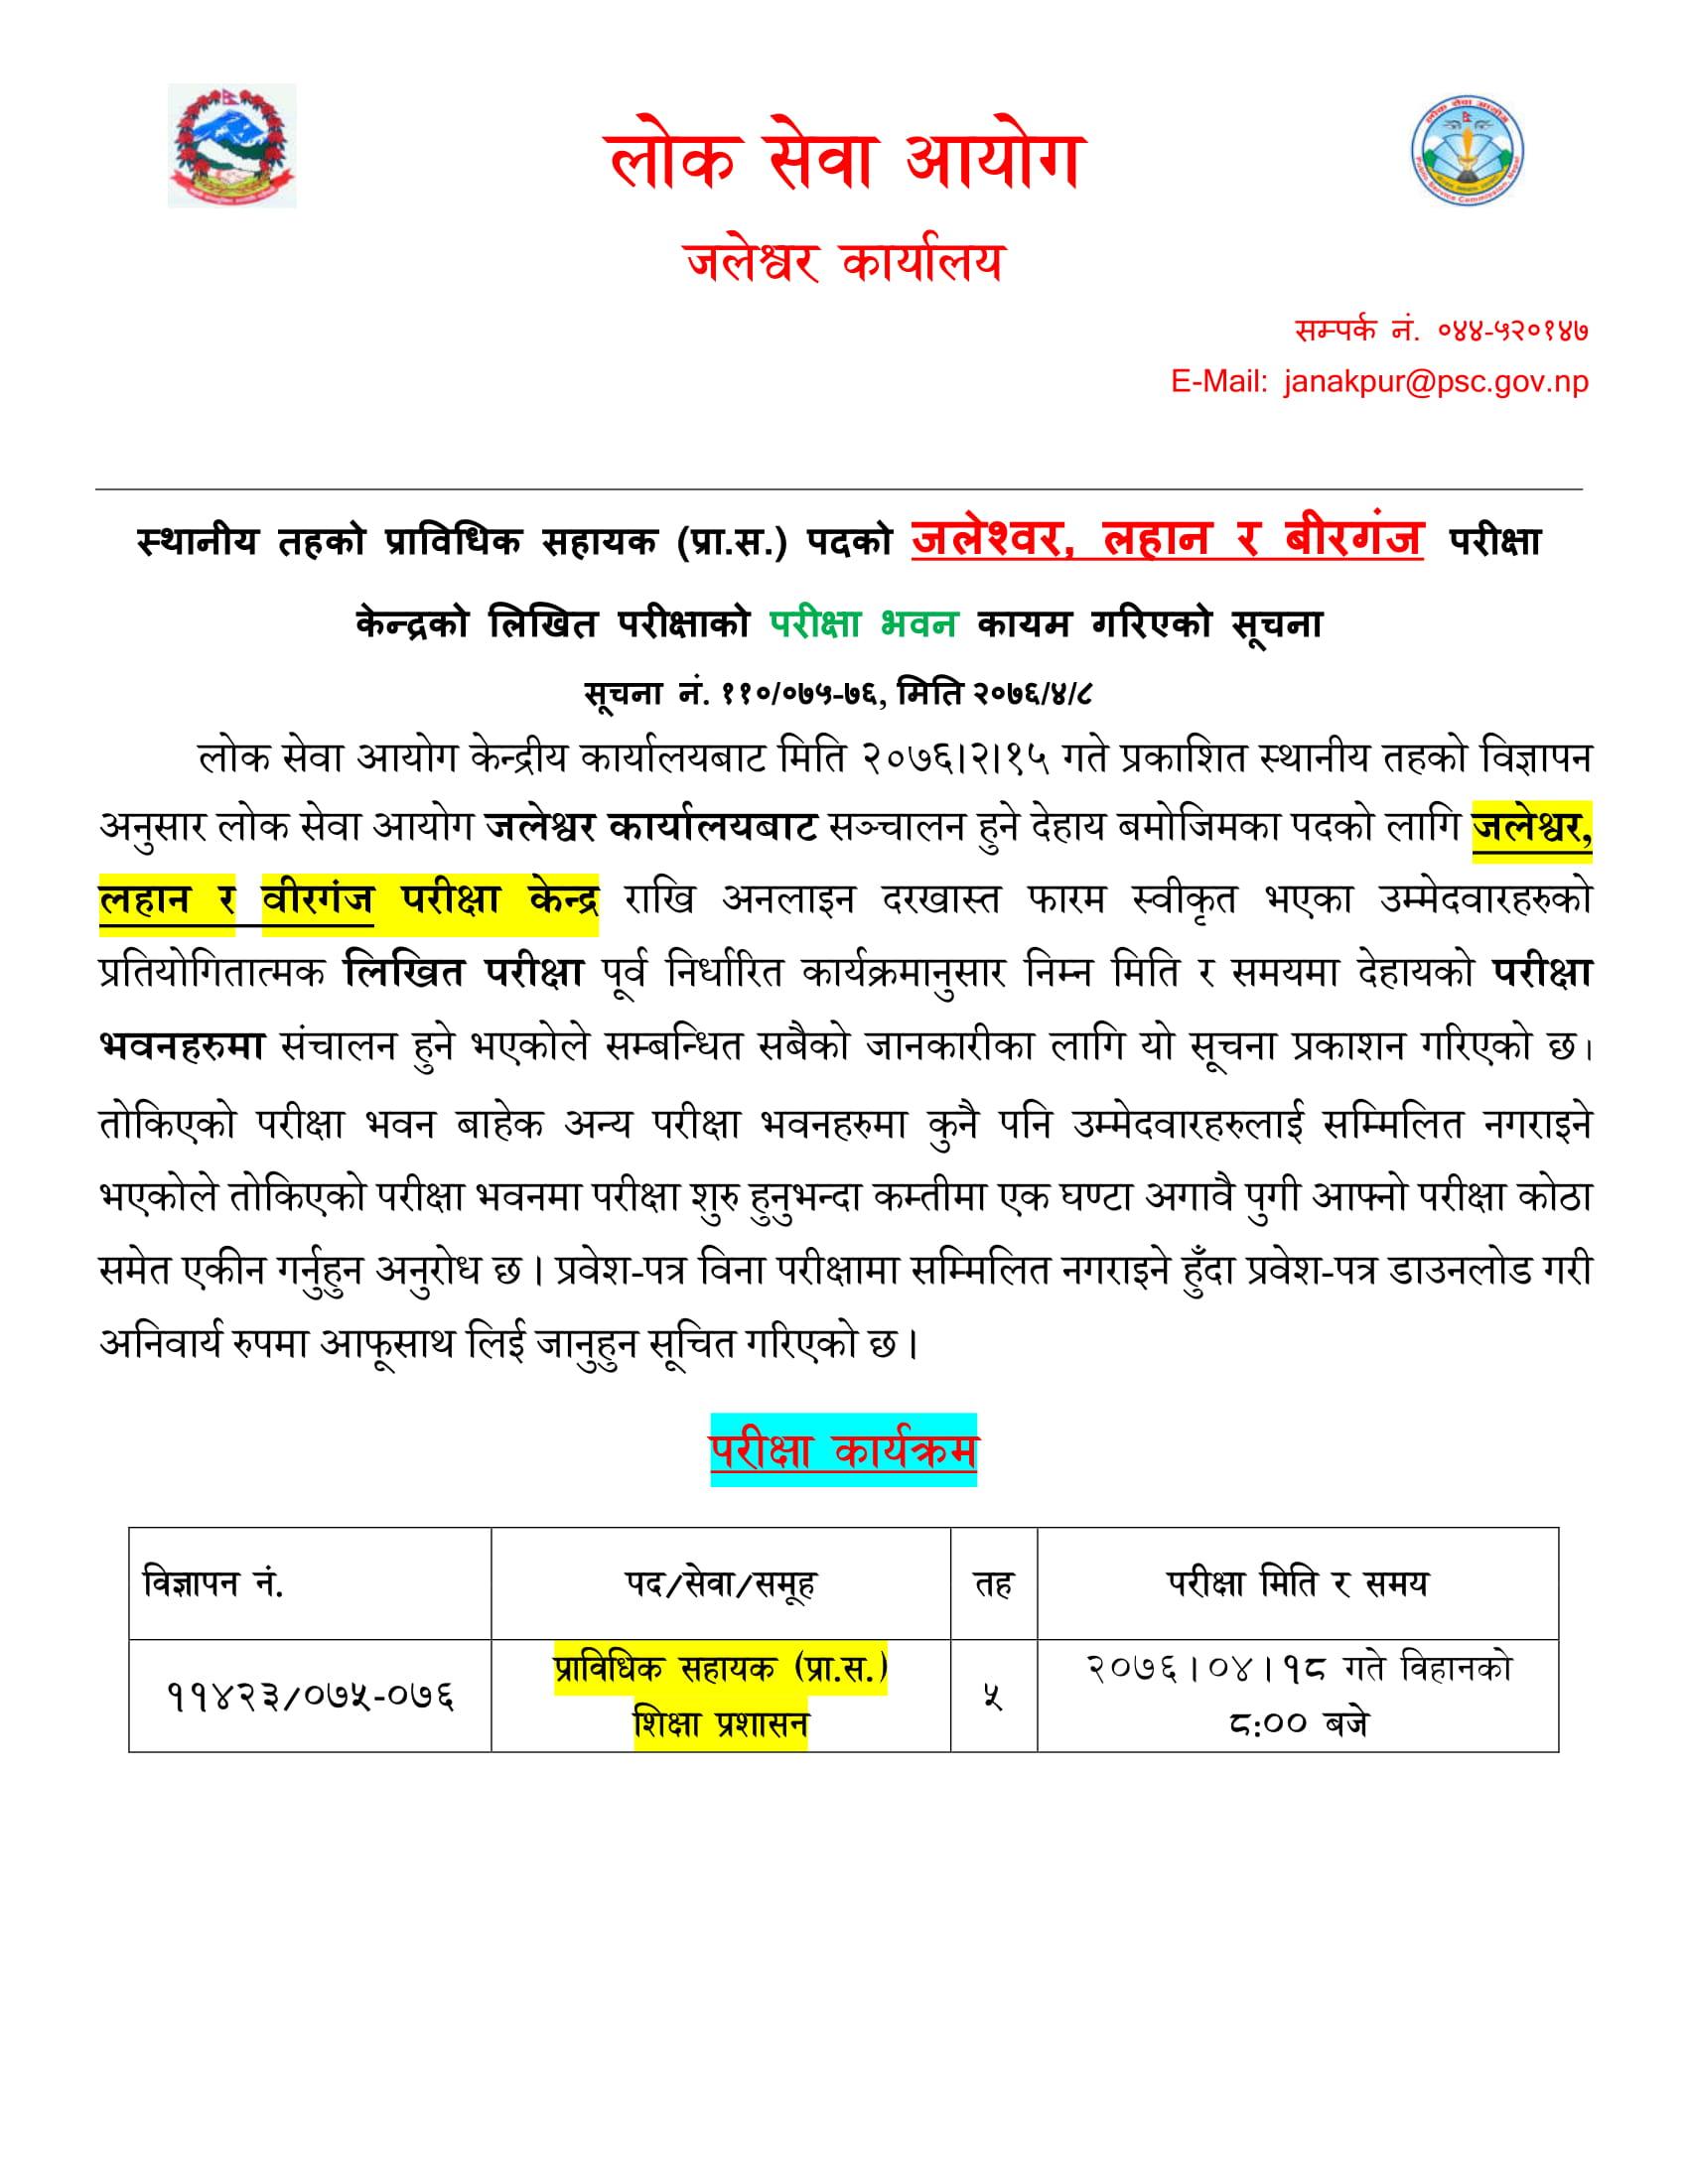 Lok Sewa Aayog Prabidhik Sahayak Exam Center 2076 exam center view. Lok Sewa Aayog Prabidhik Sahayak Exam Center 2076 has published. Lok Sewa Aayog Prasa Exam Center 2076 exam center view. Lok Sewa Aayog Prasa Exam Center 2076 has published. Lok Sewa Aayog Prabidhik Sahayak Exam Center 2076, Lok Sewa Aayog Prabidhik Sahayak Exam Center, Prabidhik Sahayak Exam Center Khotang, Prabidhik Sahayak Exam Center Pokhara, Prabidhik Sahayak Exam Center Kathmandu, Prabidhik Sahayak Exam Center Butawal, Prabidhik Sahayak Exam Center Kathmandu, Prabidhik Sahayak Exam Center Dhnakuta, Prabidhik Sahayak Exam Center Jaleshwar, Prabidhik Sahayak Exam Center Dipayal, Prabidhik Sahayak Exam Center dang, Prabidhik Sahayak Exam Center Hetauda, Prabidhik Sahayak Exam Center Jumla, Prabidhik Sahayak Exam Center Dhankuta,Lok Sewa Prabidhik Sahayak Exam Center Khotang, Lok Sewa Prabidhik Sahayak Exam Center Pokhara, Lok Sewa Prabidhik Sahayak Exam Center Kathmandu, Lok Sewa Prabidhik Sahayak Exam Center Butawal, Lok Sewa Prabidhik Sahayak Exam Center Kathmandu, Lok Sewa Prabidhik Sahayak Exam Center Dhnakuta, Lok Sewa Prabidhik Sahayak Exam Center Jaleshwar, Lok Sewa Prabidhik Sahayak Exam Center Dipayal, Lok Sewa Prabidhik Sahayak Exam Center dang, Lok Sewa Prabidhik Sahayak Exam Center Hetauda, Lok Sewa Prabidhik Sahayak Exam Center Jumla,Lok Sewa Prabidhik Sahayak Exam Center Dhankuta,Butawal Prabidhik Sahayak 5th Level exam center, Butawal Prabidhik Sahayak 5th Level exam center, Lok Sewa Aayog Prsa Exam Center 2076, Lok Sewa Aayog Prsa Exam Center, Prsa Exam Center Khotang, Prsa Exam Center Pokhara, Prsa Exam Center Kathmandu, Prsa Exam Center Butawal, Prsa Exam Center Kathmandu, Prsa Exam Center Dhnakuta, Prsa Exam Center Jaleshwar, Prsa Exam Center Dipayal, Prsa Exam Center dang, Prsa Exam Center Hetauda, Prsa Exam Center Jumla, Prsa Exam Center Dhankuta,Lok Sewa Prsa Exam Center Khotang, Lok Sewa Prsa Exam Center Pokhara, Lok Sewa Prsa Exam Center Kathmandu, Lok Sewa Prsa Exam Cente